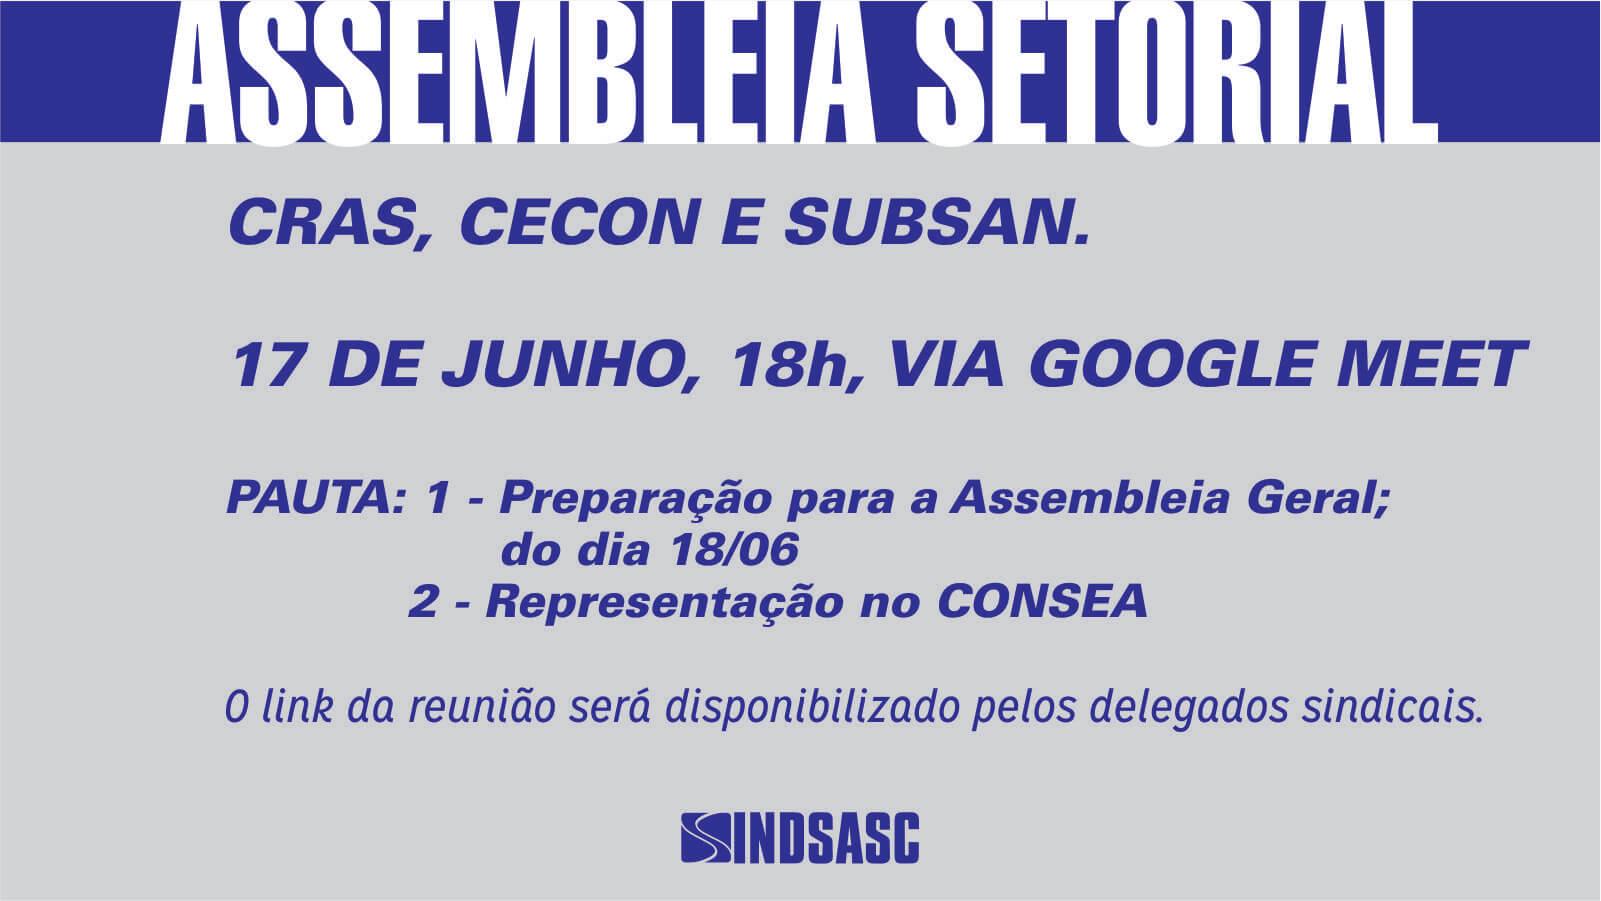 ASSEMBLEIA SETORIAL - CRAS, CECON E SUBSAN